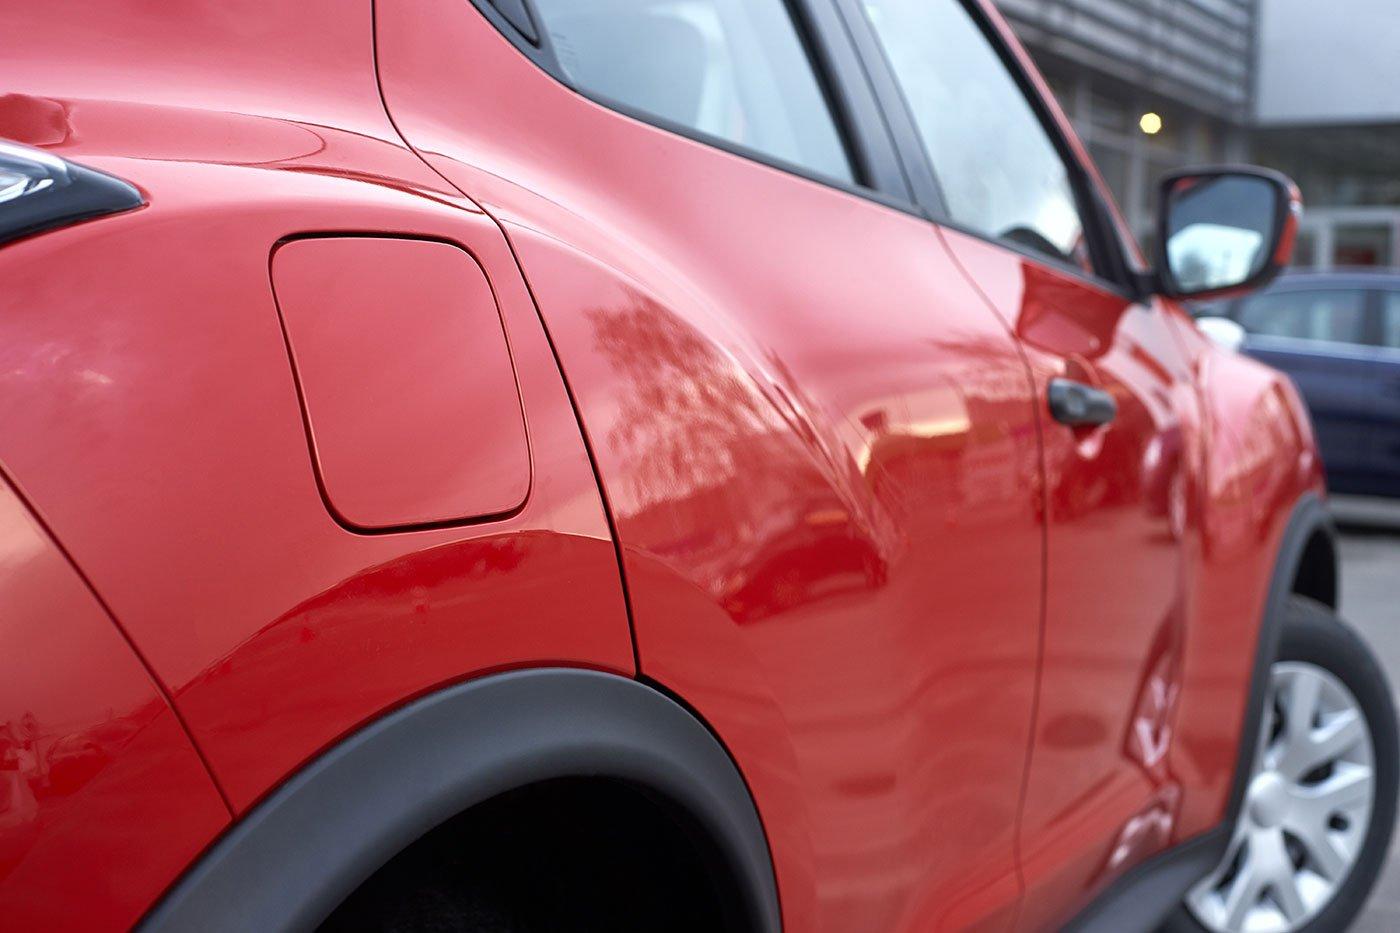 serbatoio esterno macchina rossa